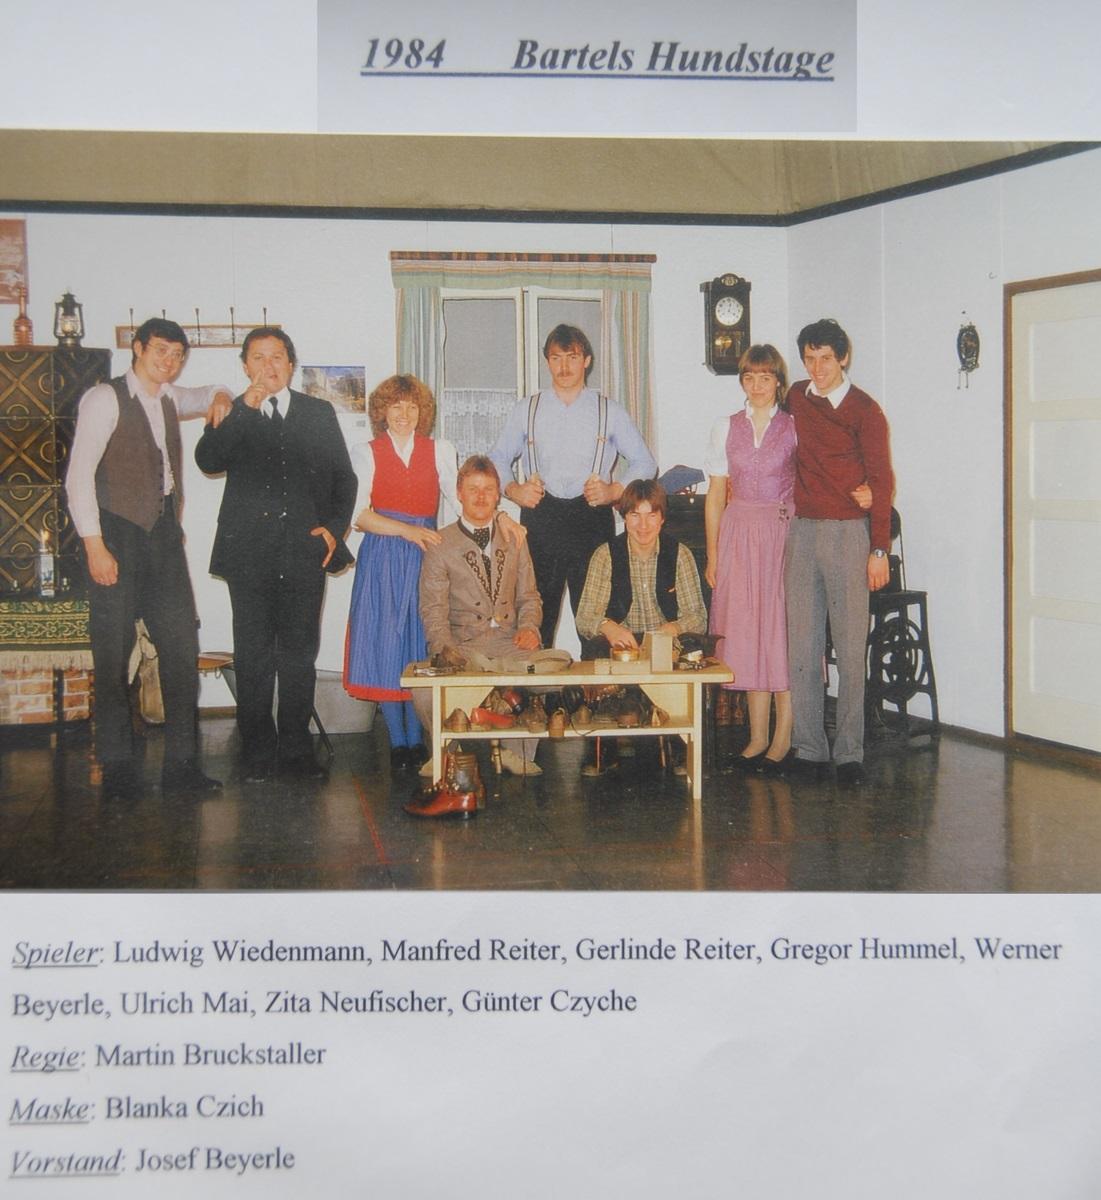 KSC-Theater-1984-Bartels-Hundstage